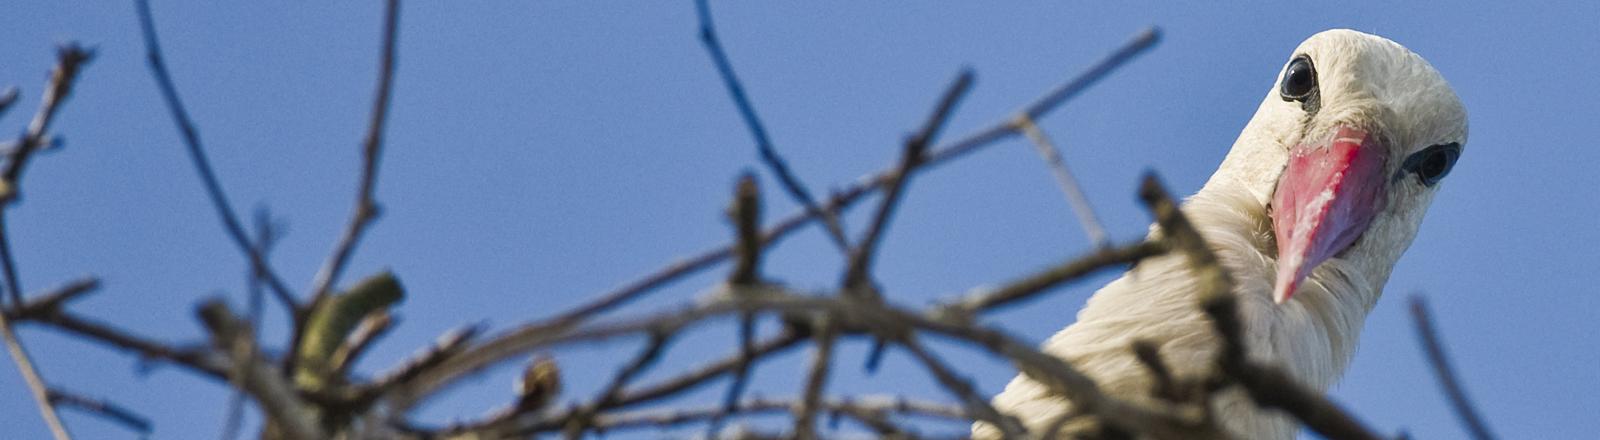 Storch schaut aus seinem Nest